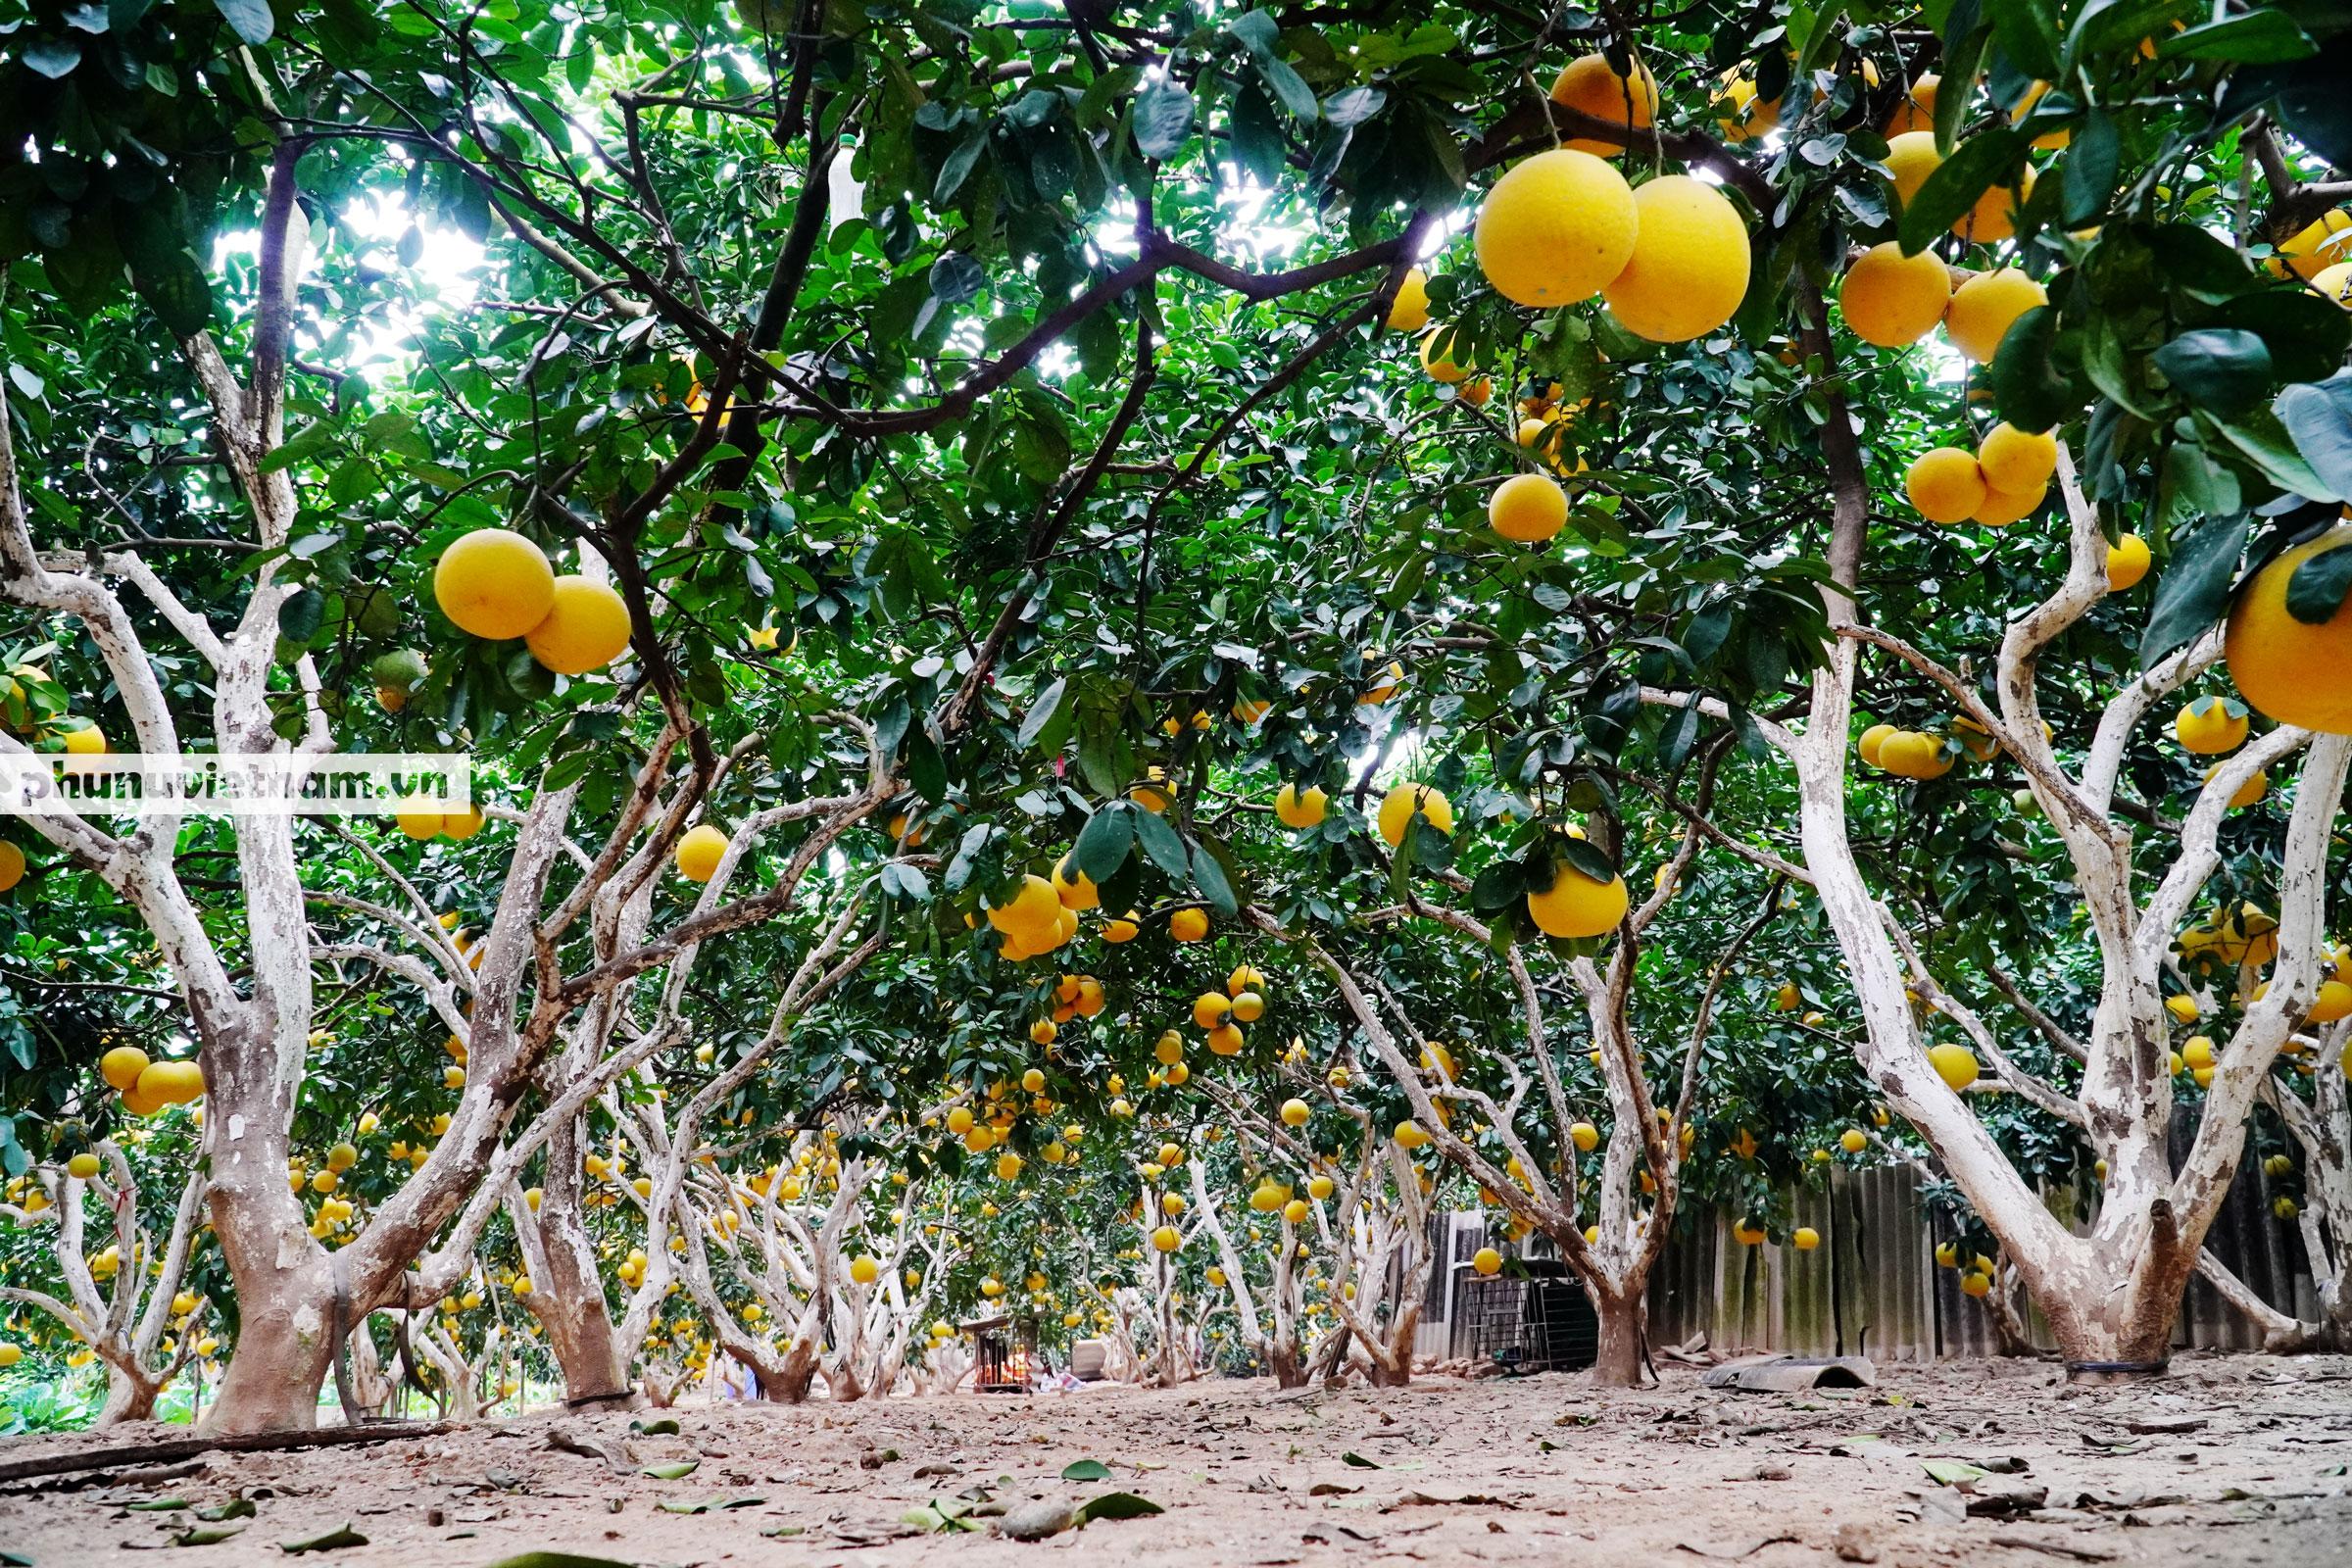 Vườn bưởi Diễn tuổi 30, chi chít cả trăm quả chào Xuân Tân Sửu - Ảnh 6.